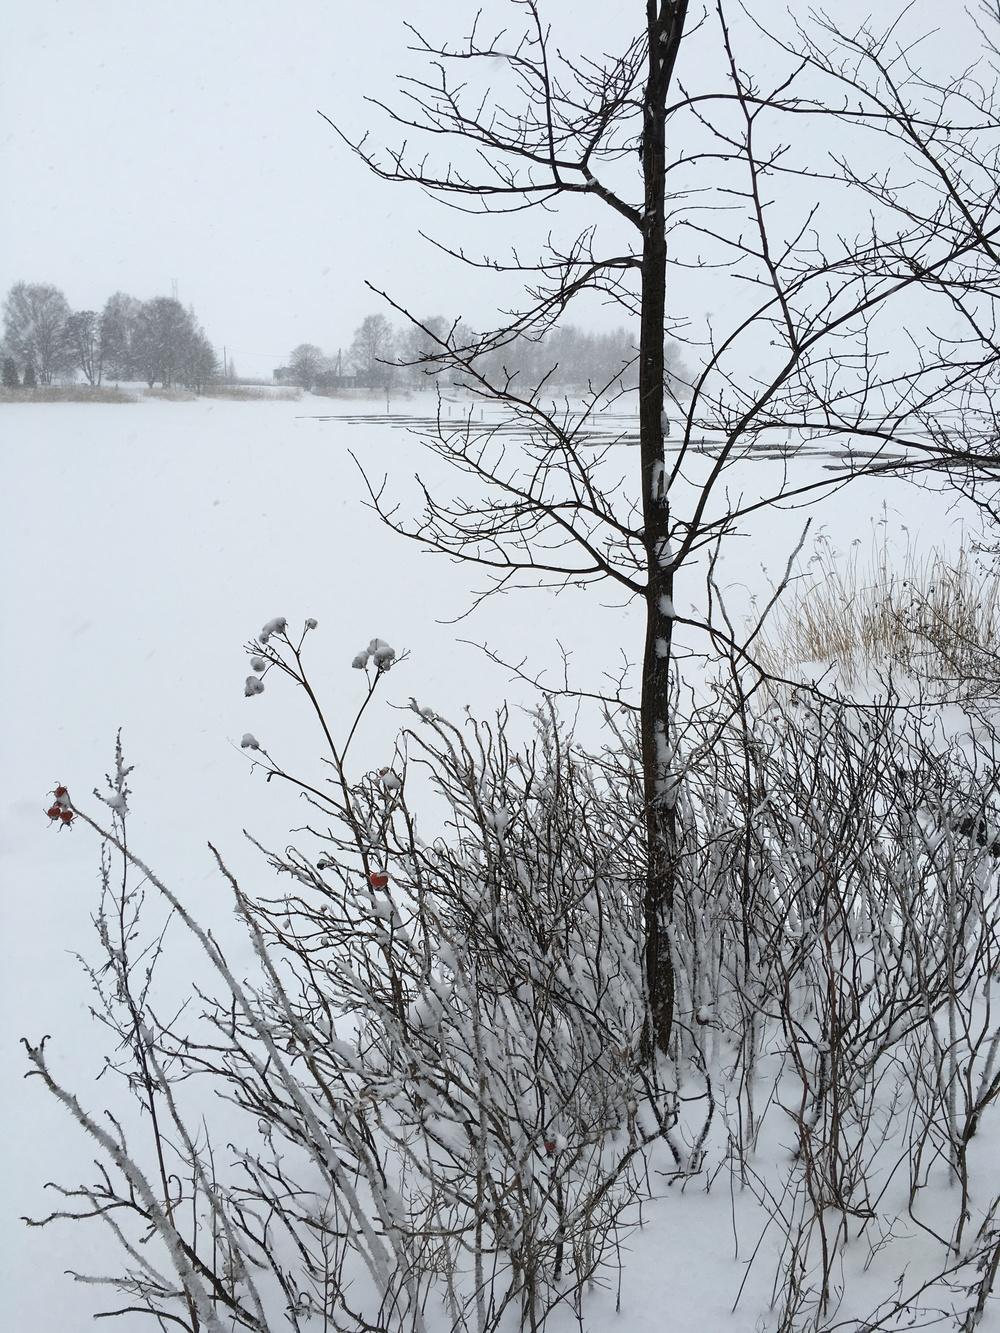 Sibeliuksenpuisto frozen over / Helsinki / 12 Jan 2016